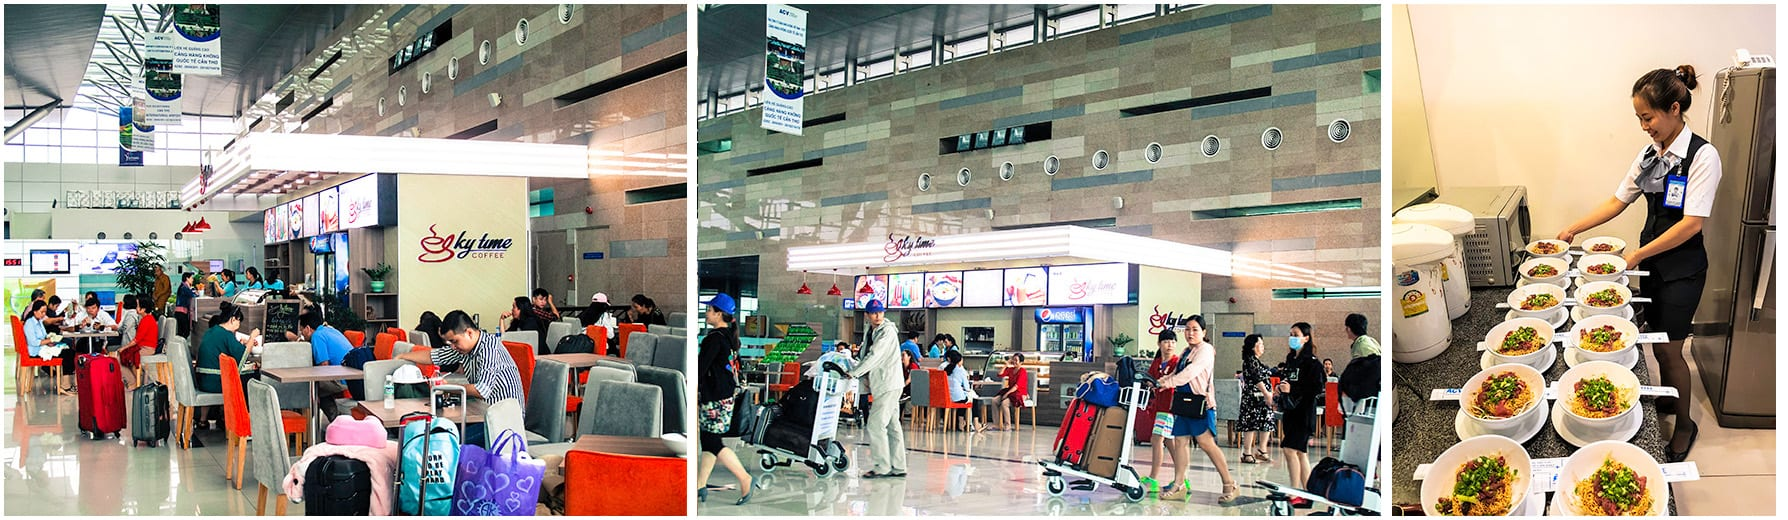 Dịch vụ khác tại sân bay Cần Thơ - hinh 3